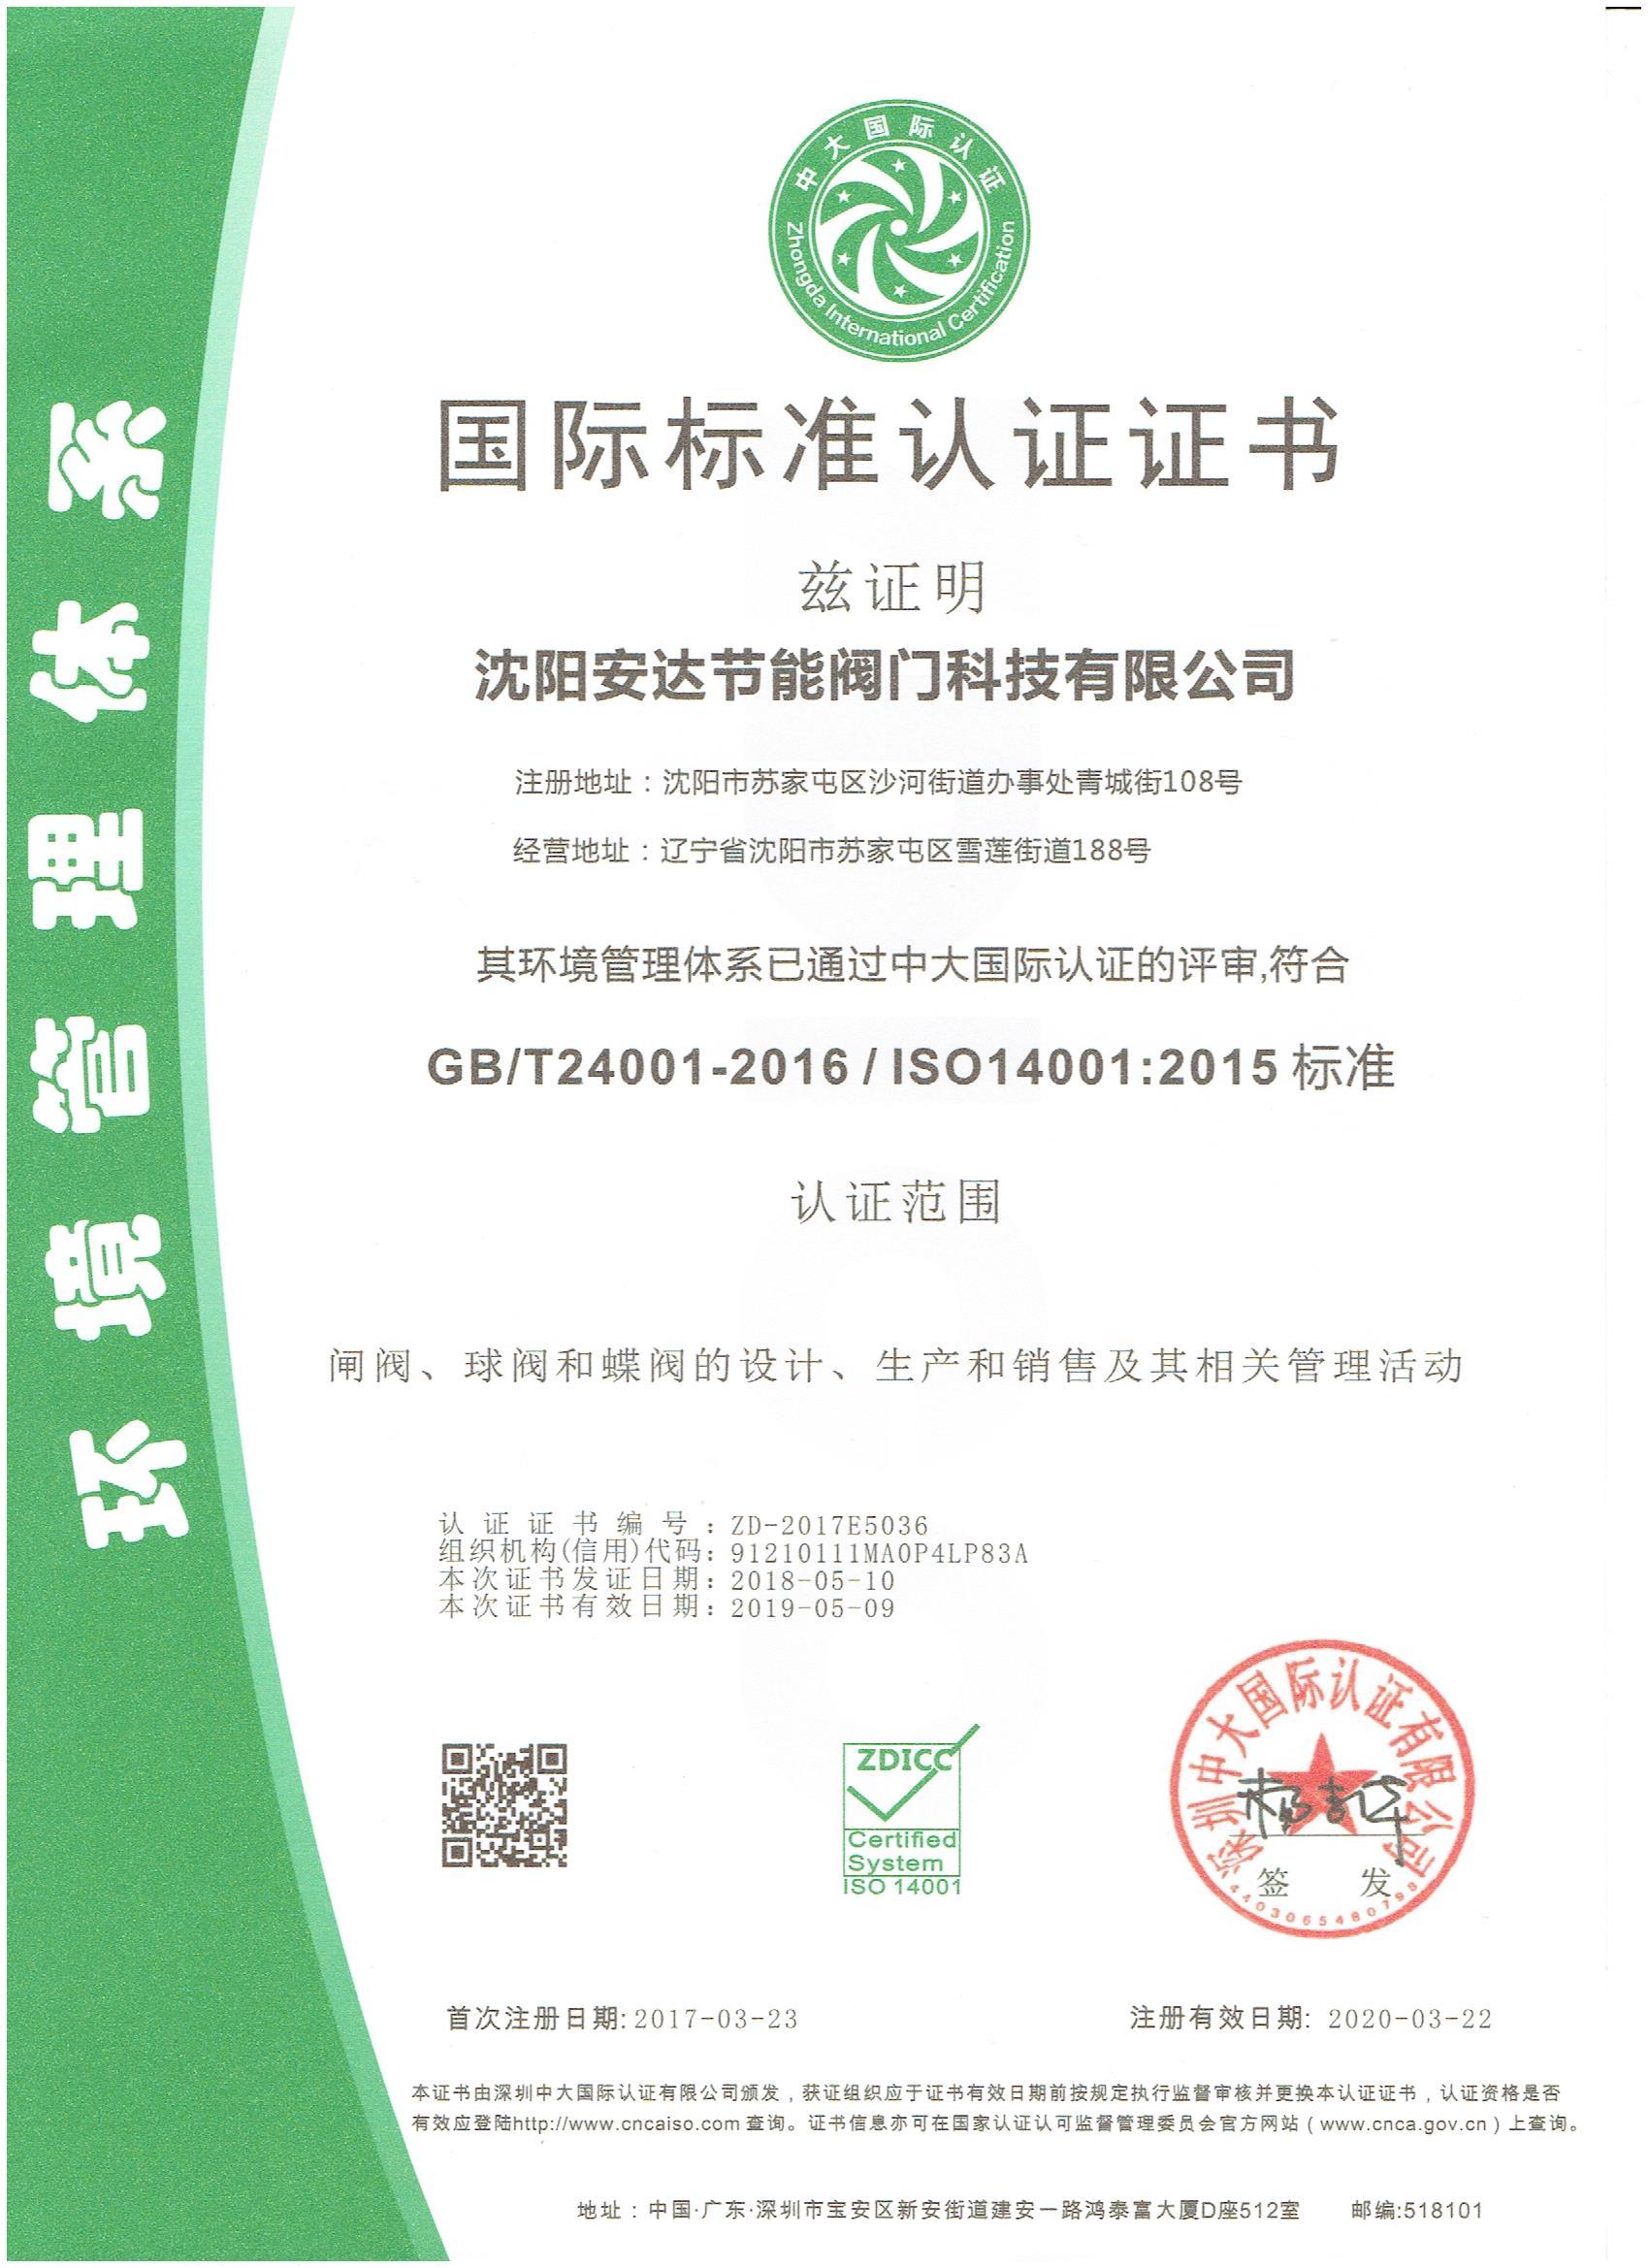 安达贝博|西甲赞助商环境管理体系认证证书